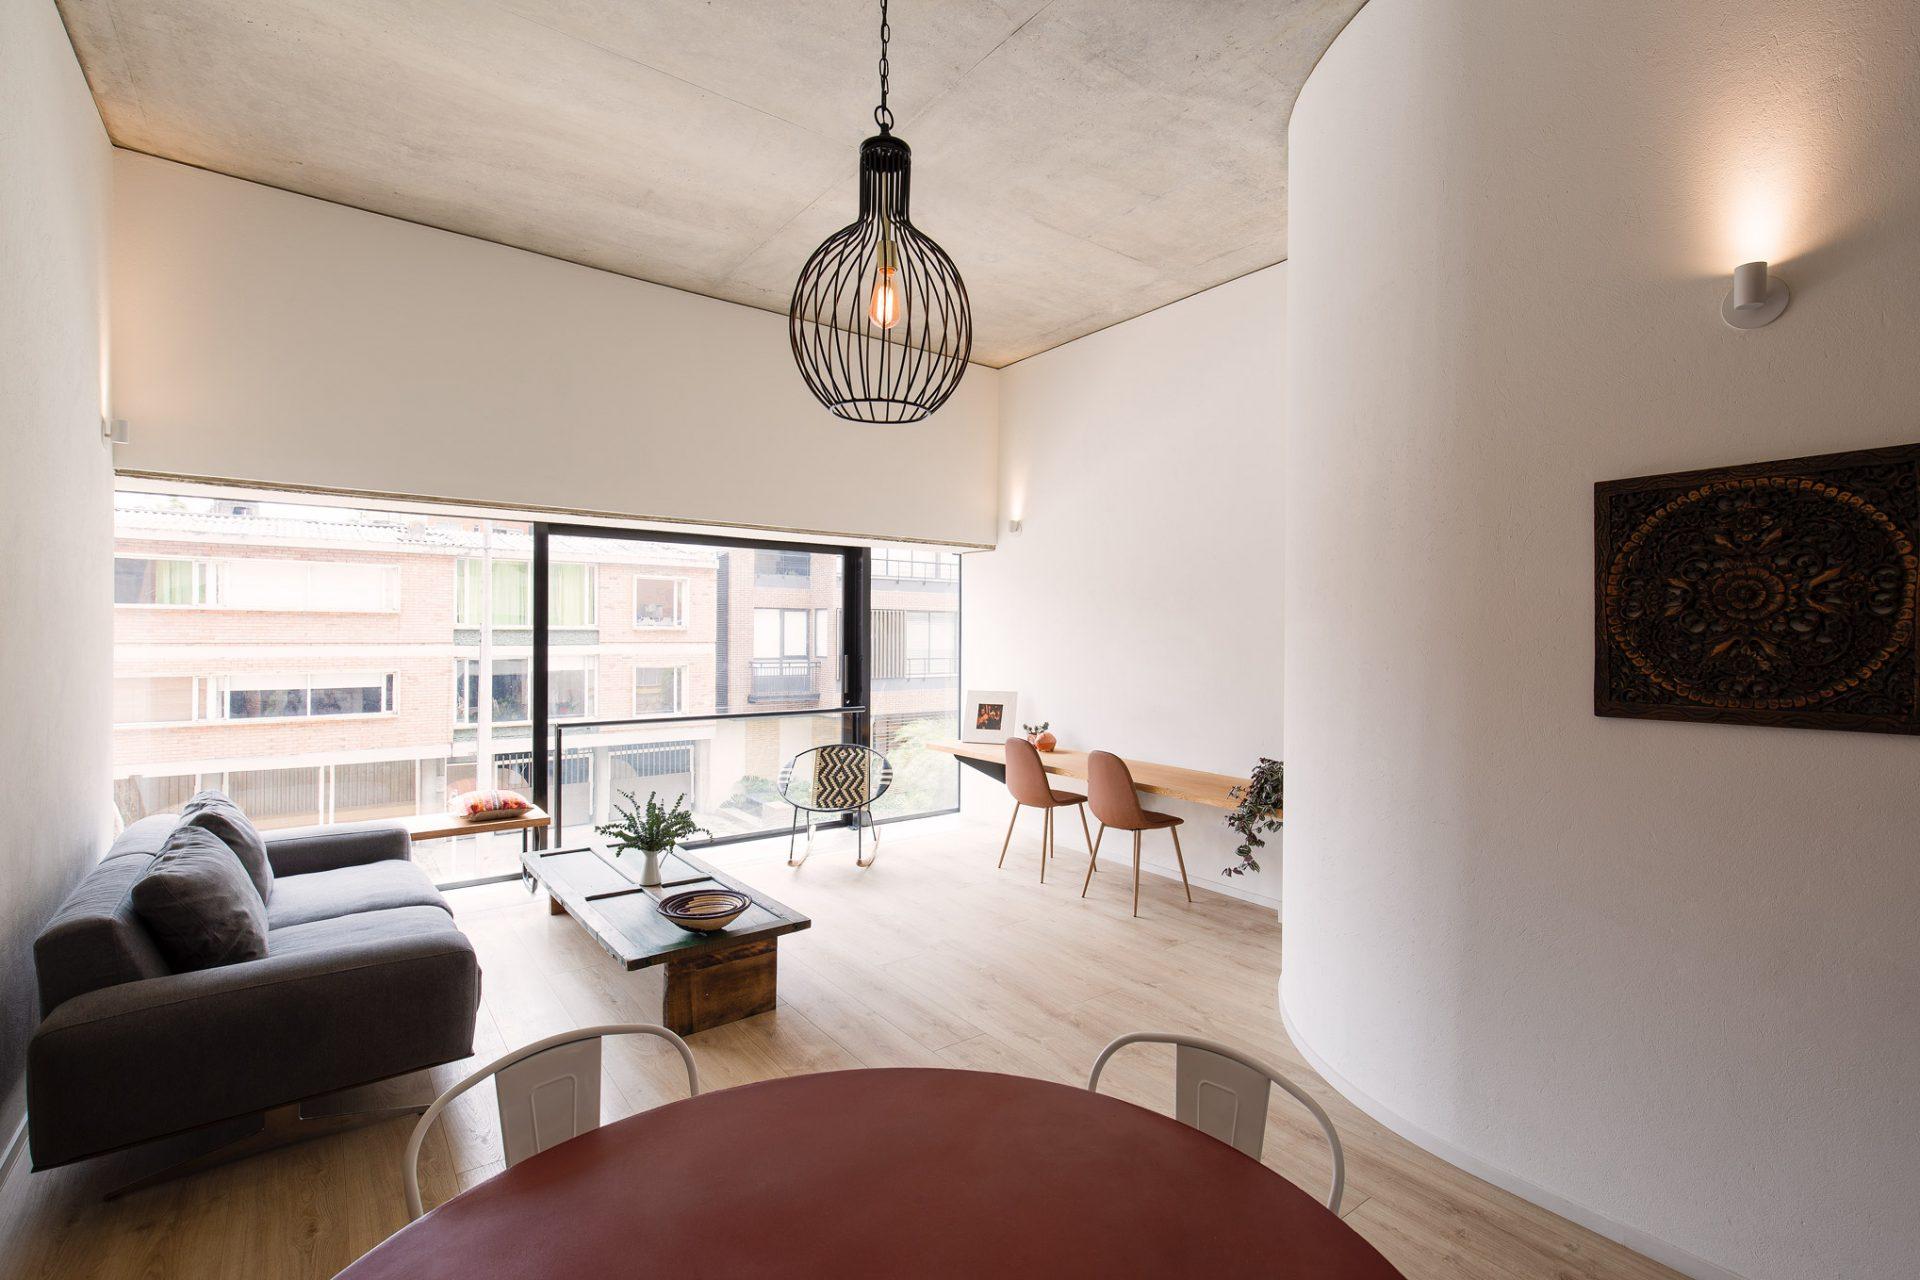 06.oberleander.arquitectos.arquitectura.architecture.interior.bogota.simon.bosch.photography